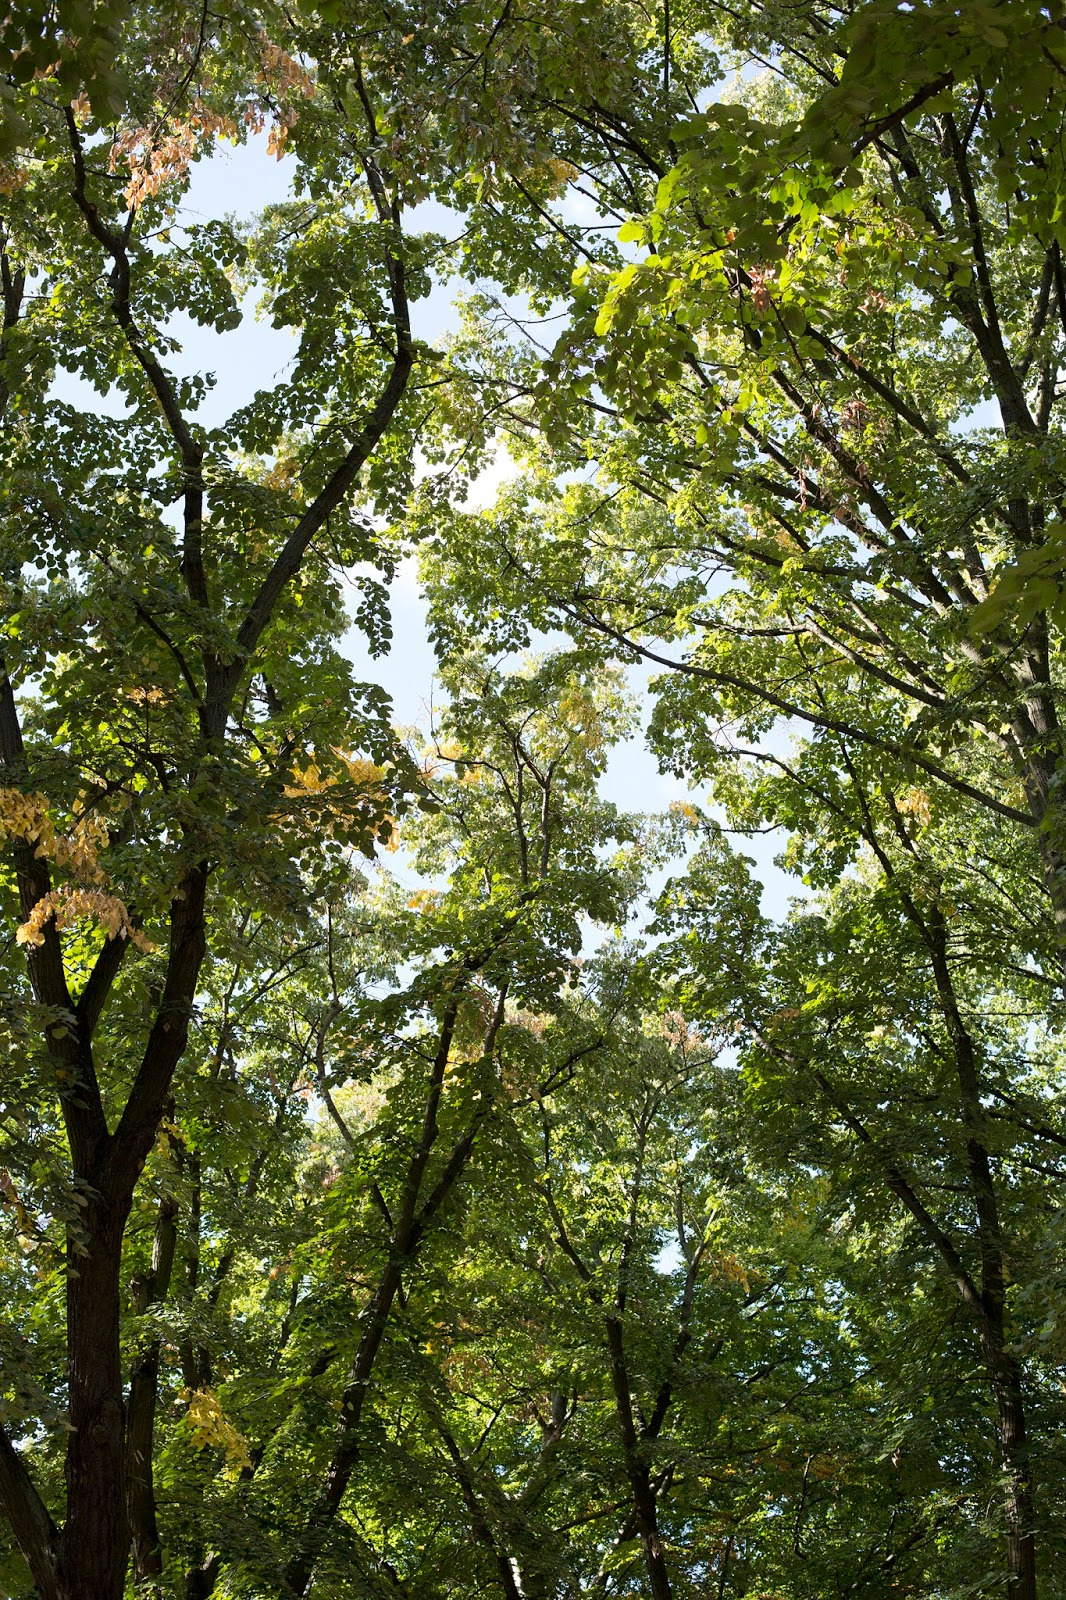 Waldspaziergang im Herbst